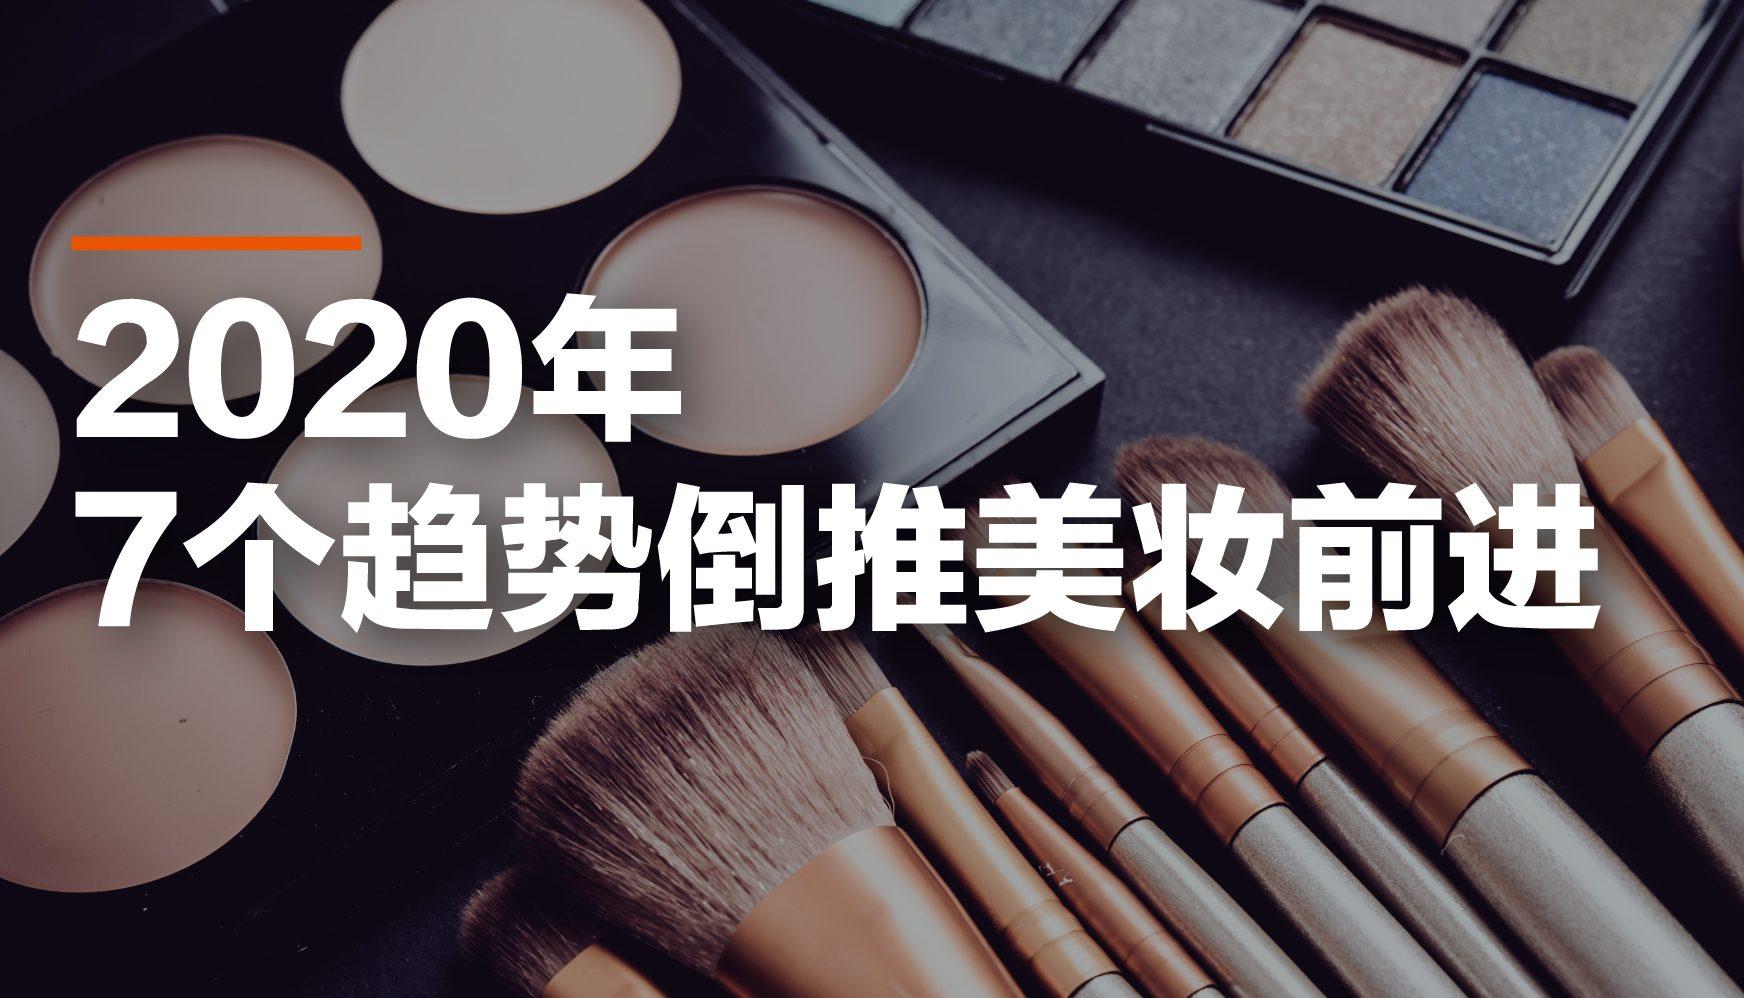 2020年,7个趋势倒推美妆前进